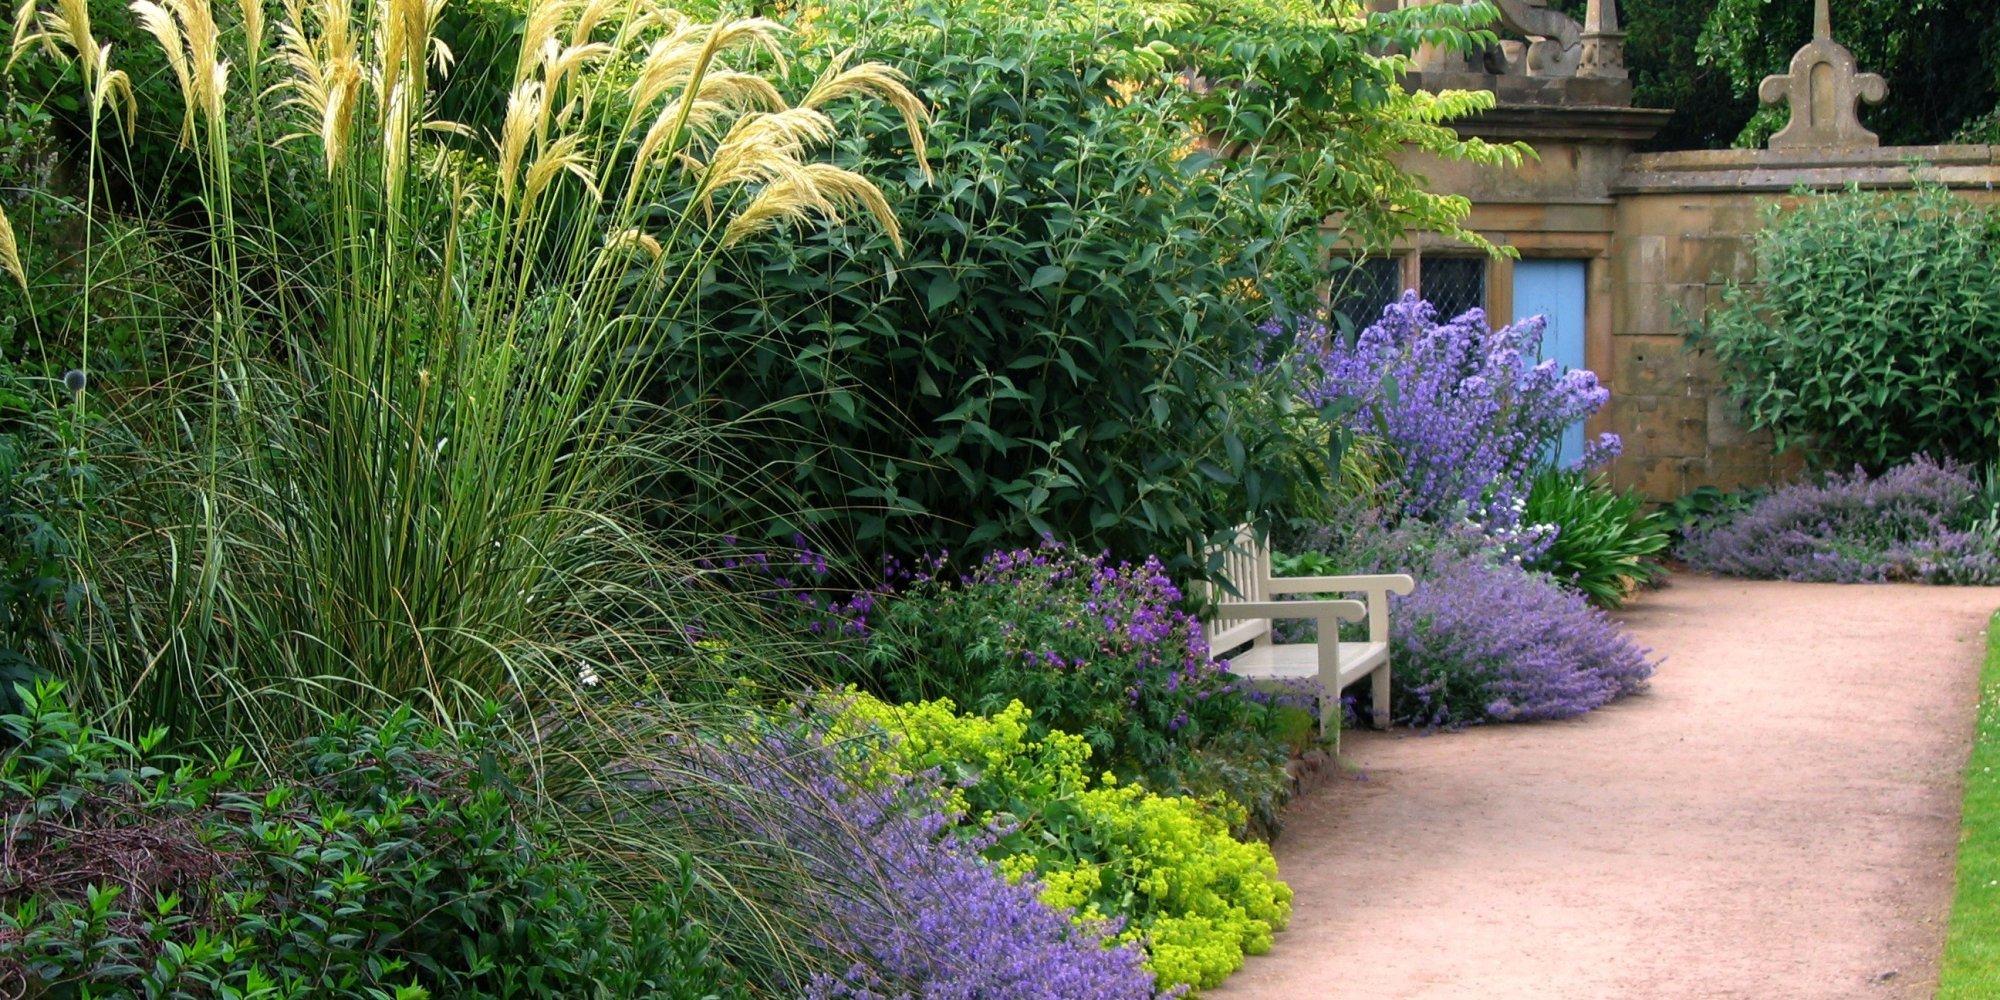 Comment D Sherber Son Jardin Sans Produits Chimiques Ce Qu 39 Il Ne Fallait Pas Rater